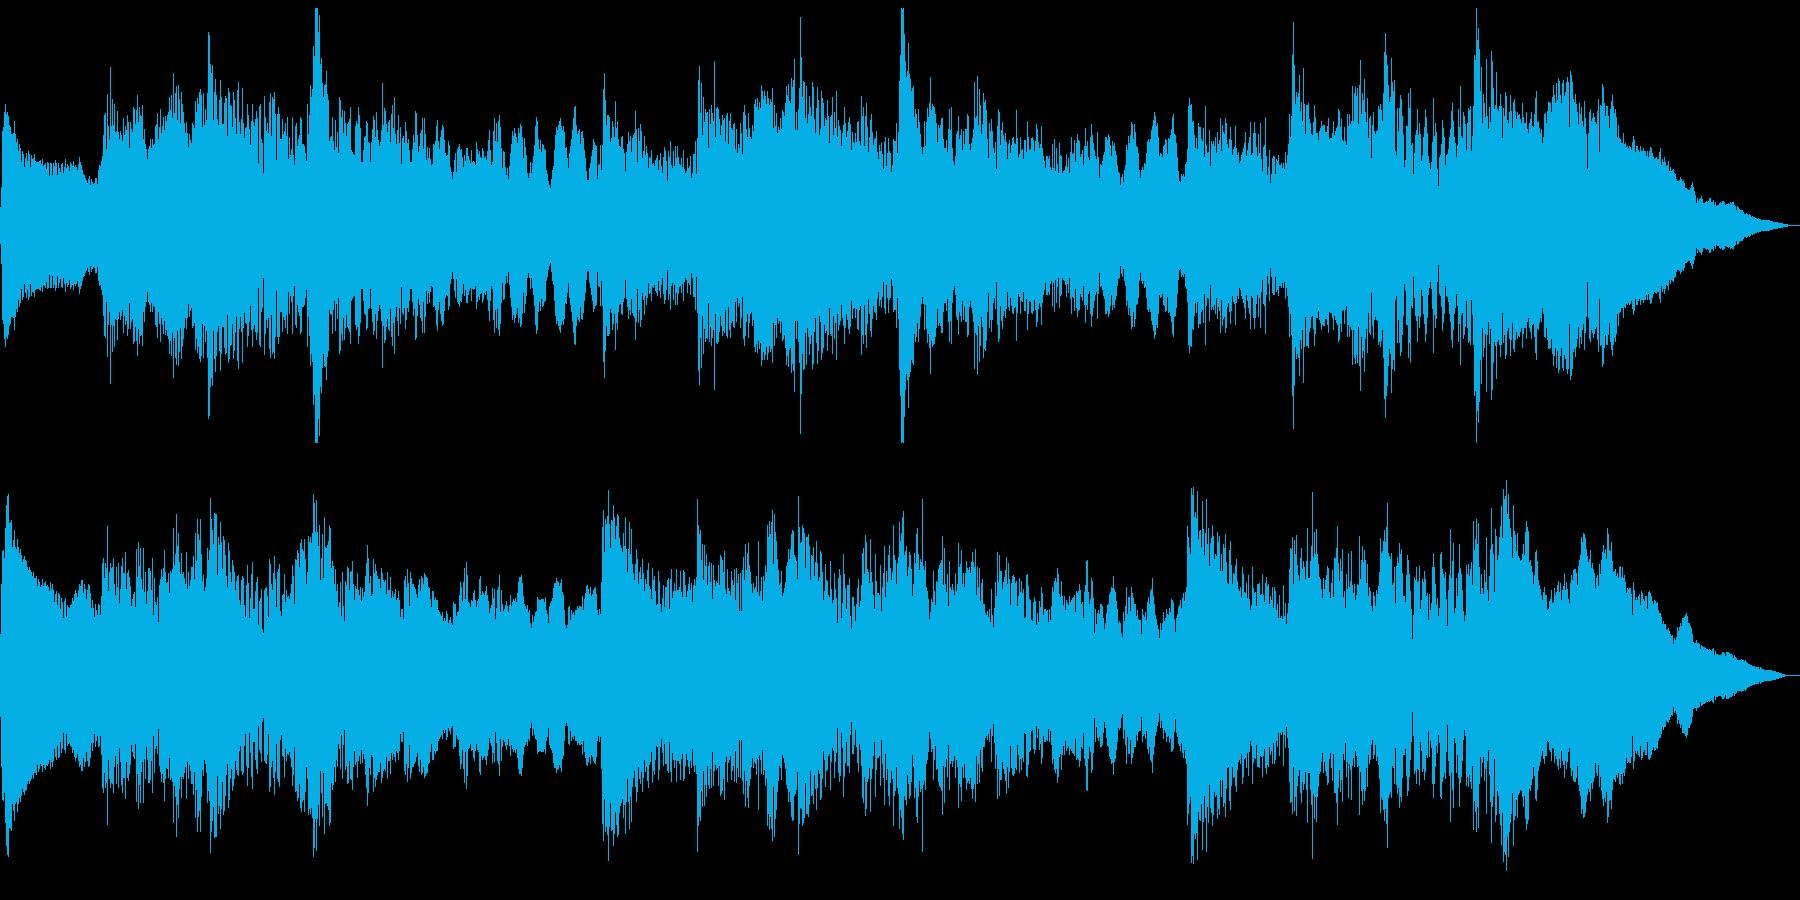 5秒CM用、サウンドロゴverFの再生済みの波形